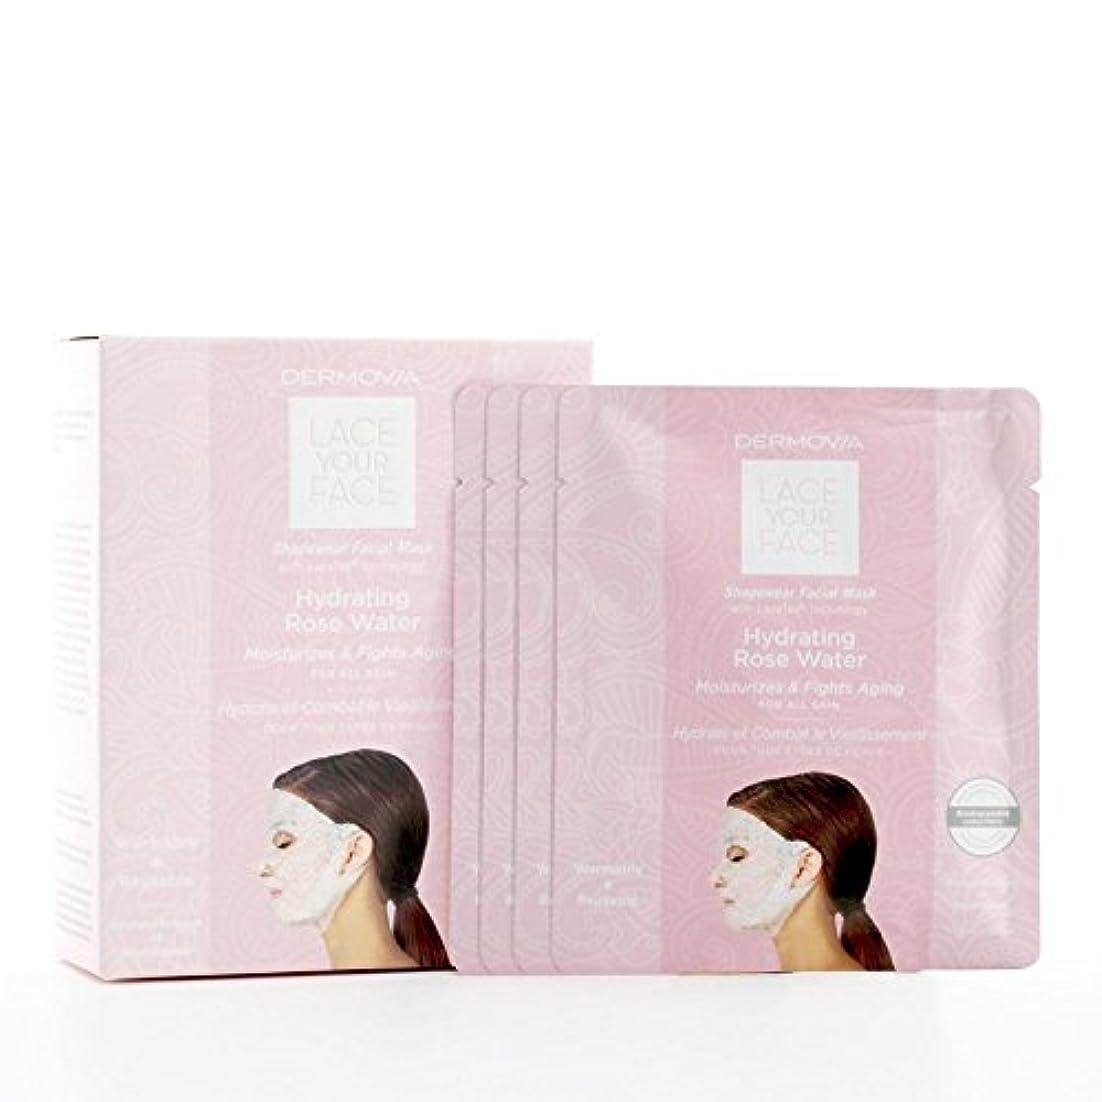 ビンマーチャンダイジング神経衰弱は、あなたの顔の圧縮フェイシャルマスク水和が水をバラレース x2 - Dermovia Lace Your Face Compression Facial Mask Hydrating Rose Water (Pack...